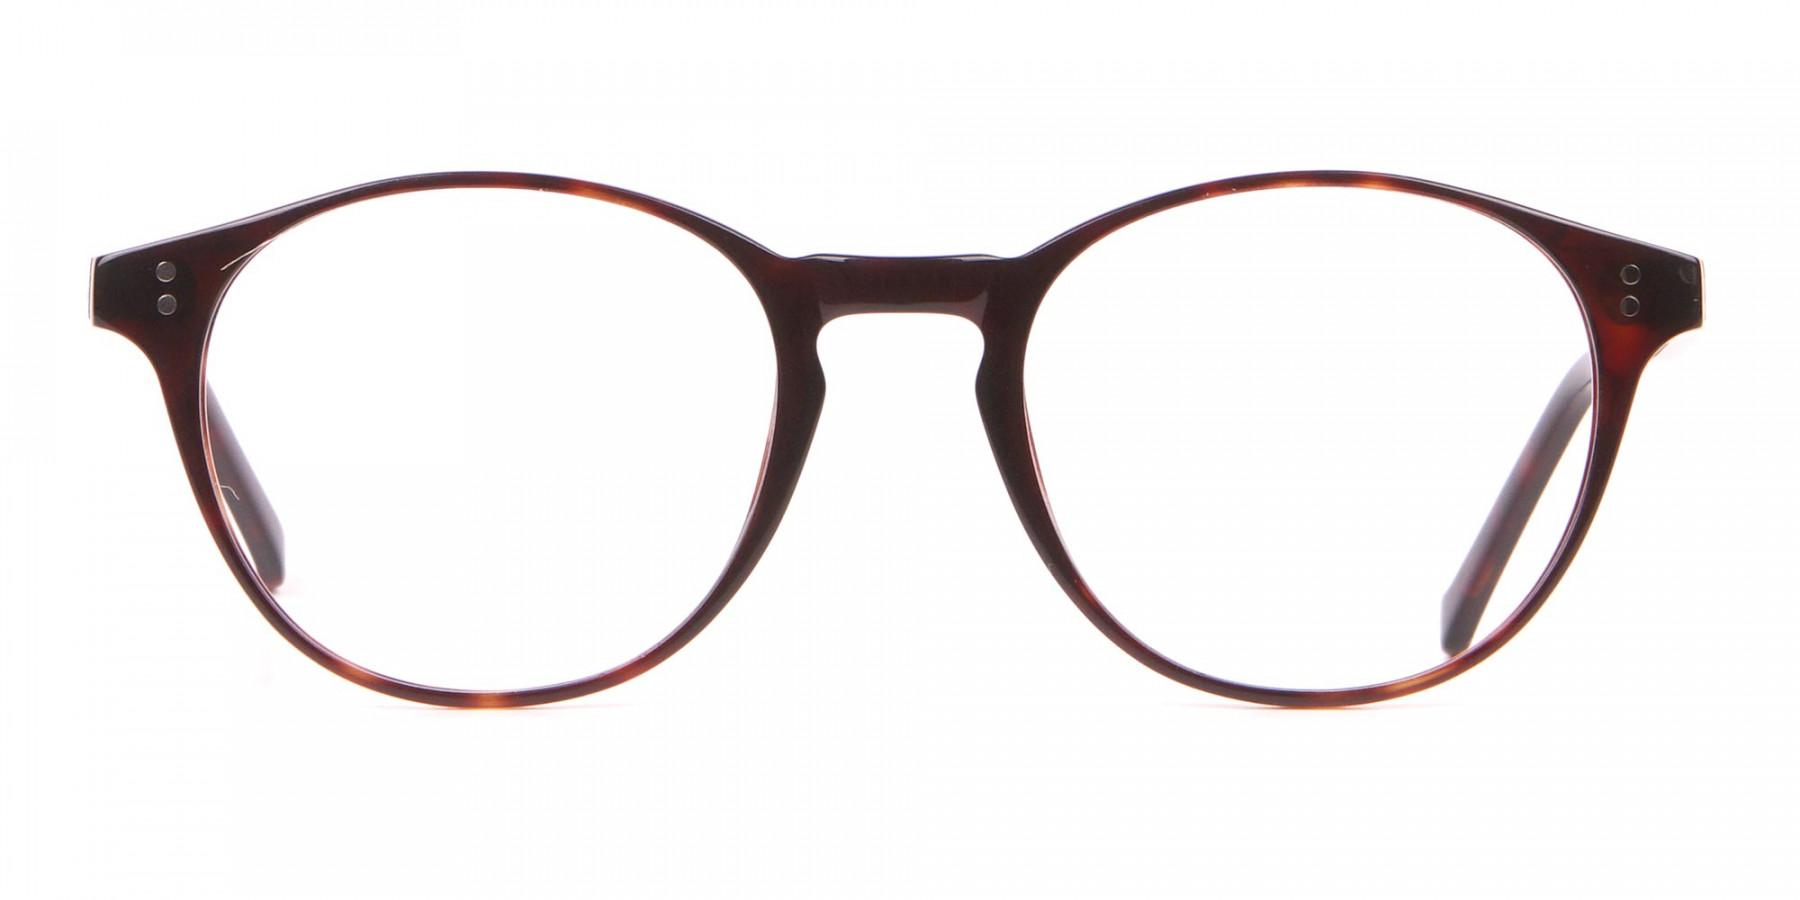 HACKETT Bespoke HEB218 Petite Round Glasses In Tortoise -1